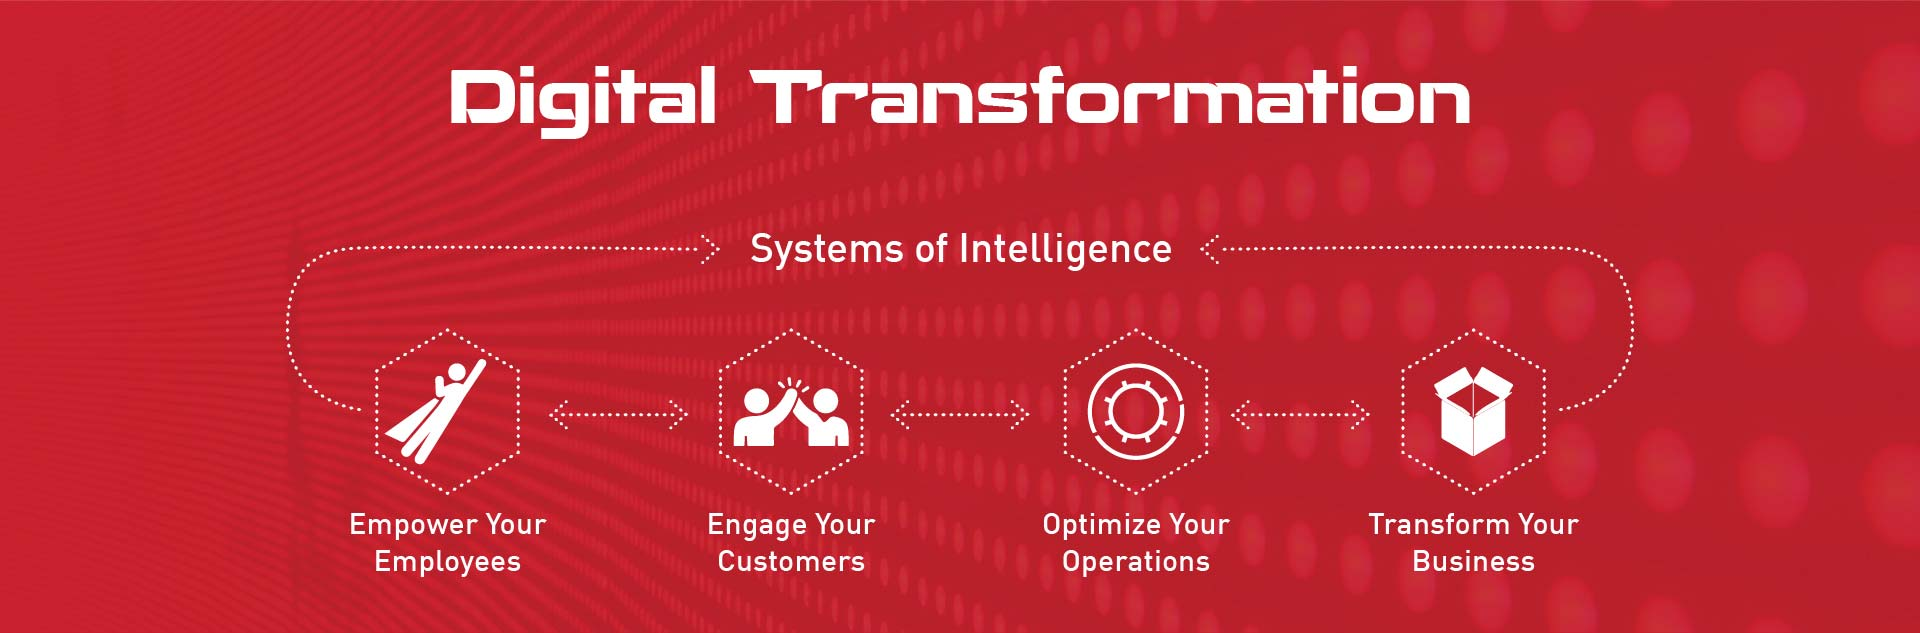 Digital Transformation Solution Providers 2017